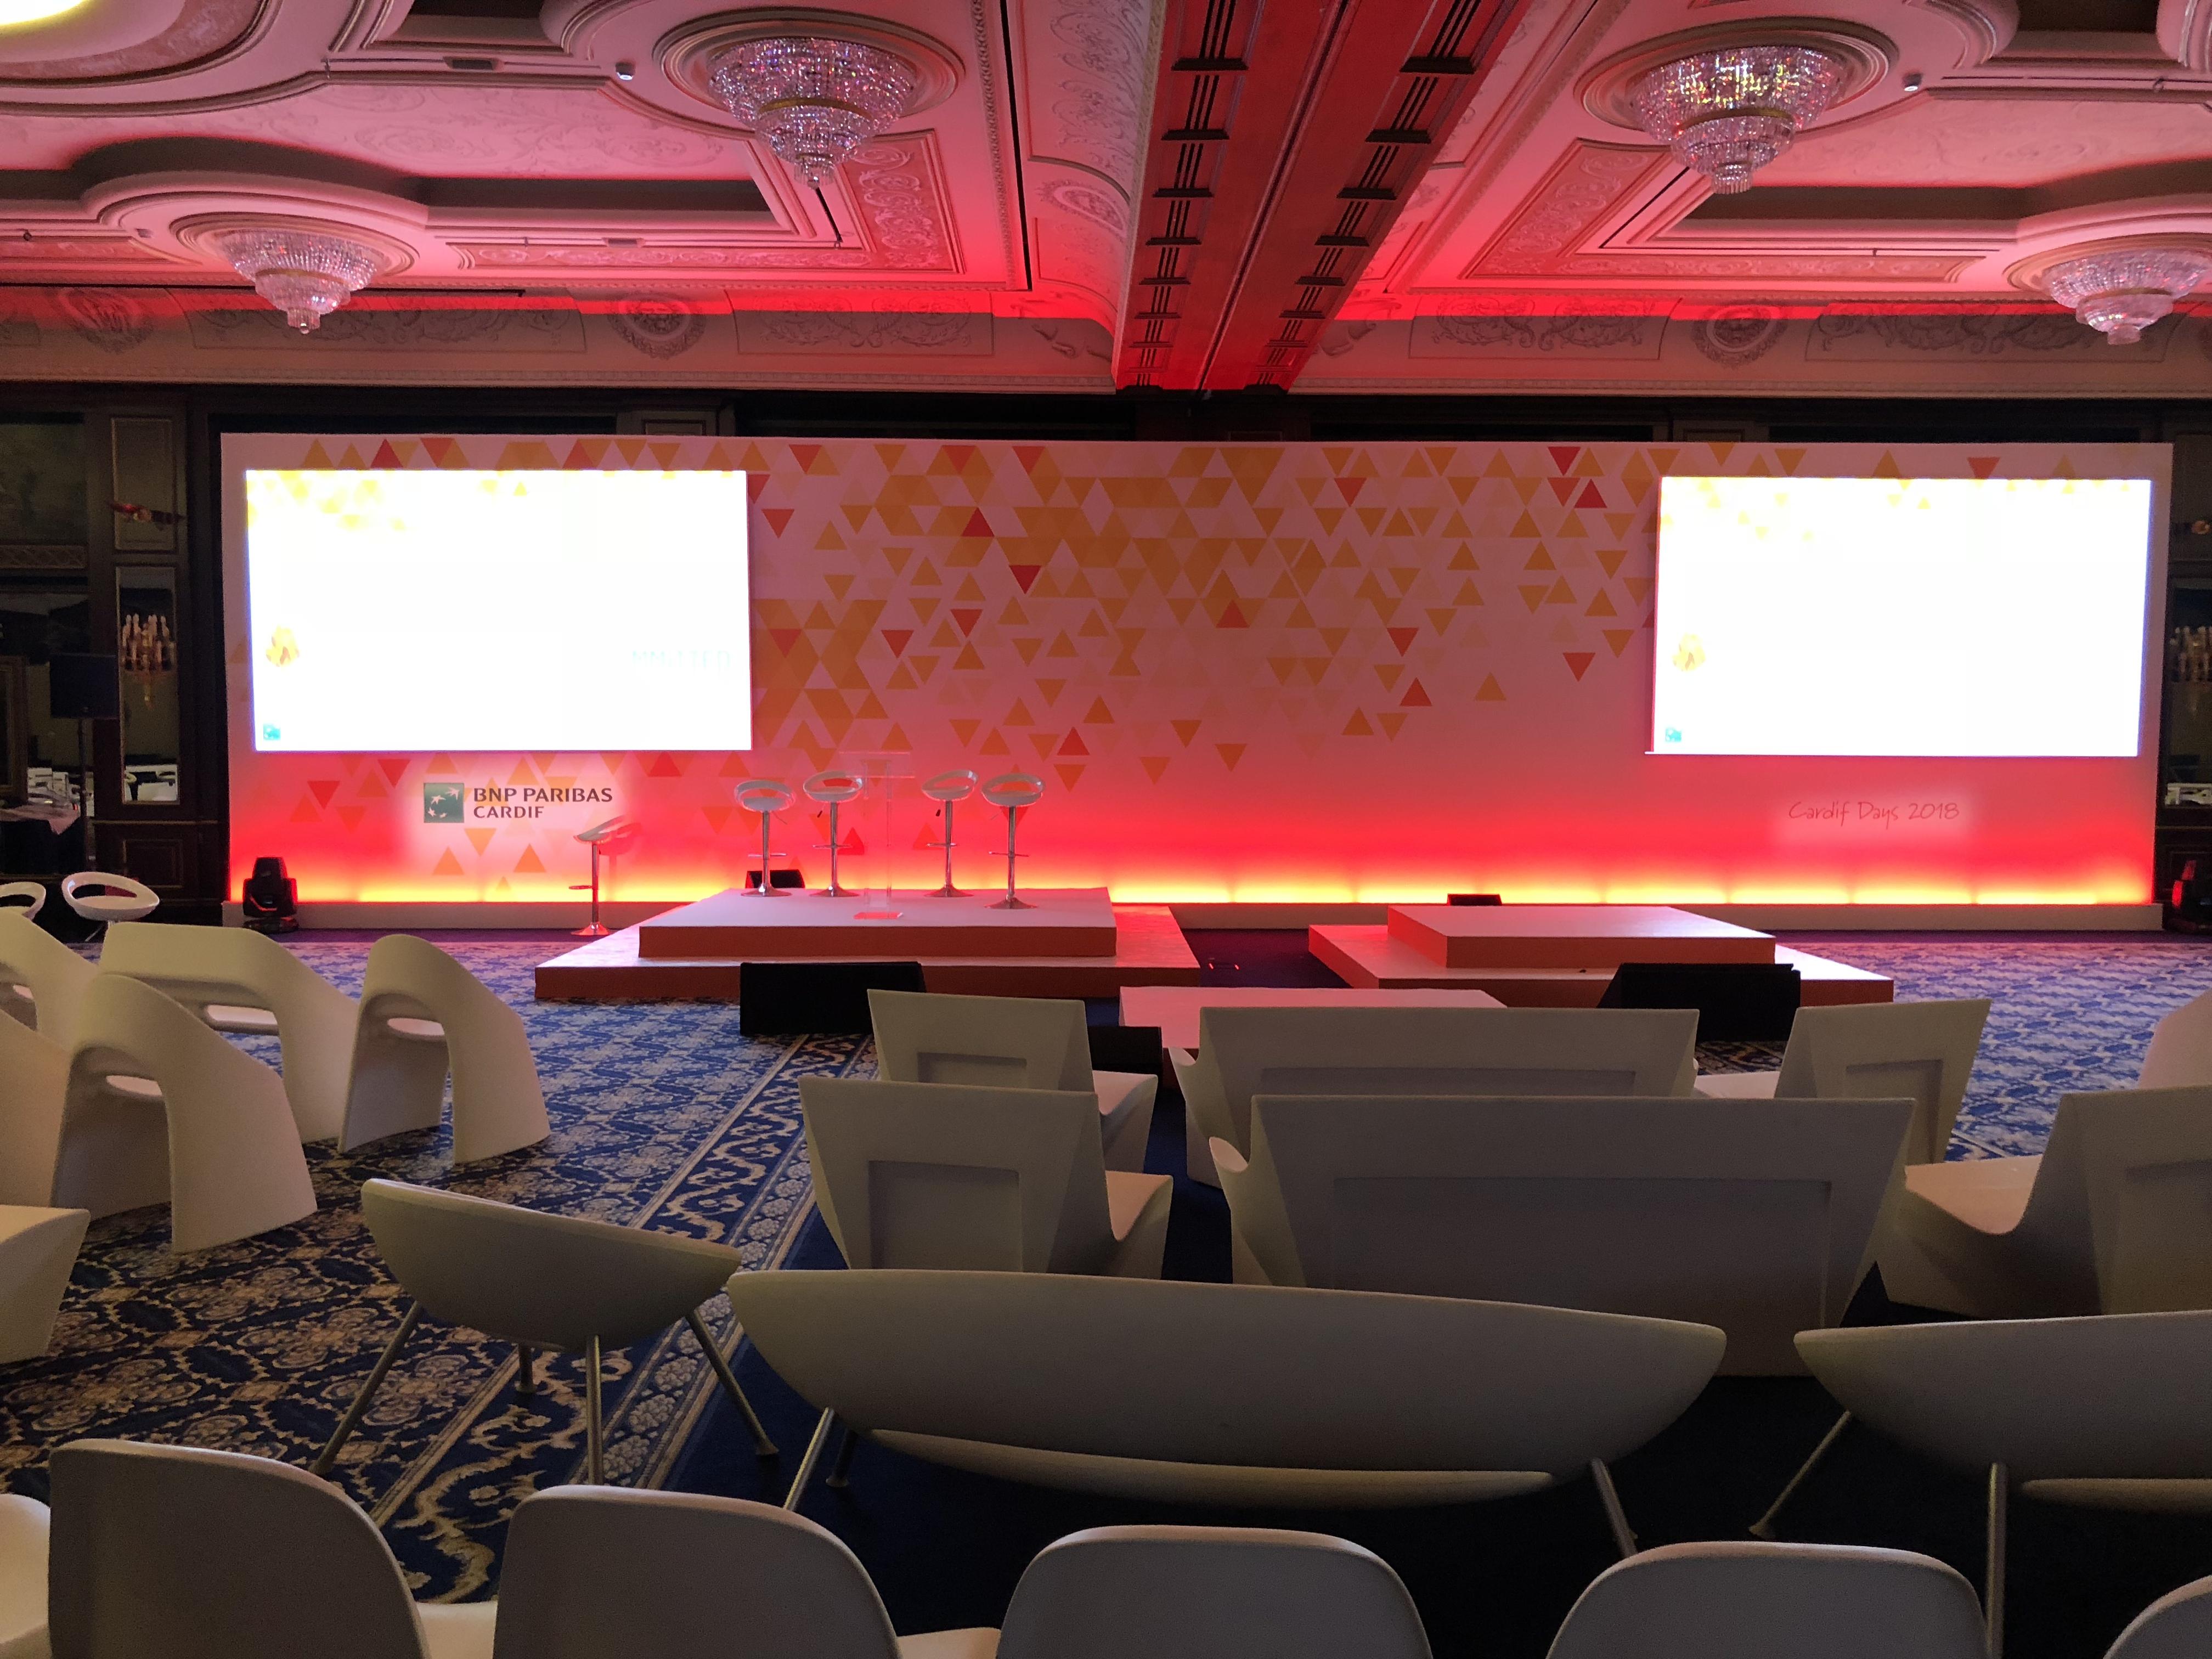 aucop-event-italie-twobevents-lac majeur-son-video-deco-scene-ecrans-audiovisuel-eclairage-ecrans-grand hotel dino-decoration-corporate-evenement-bnp paribas